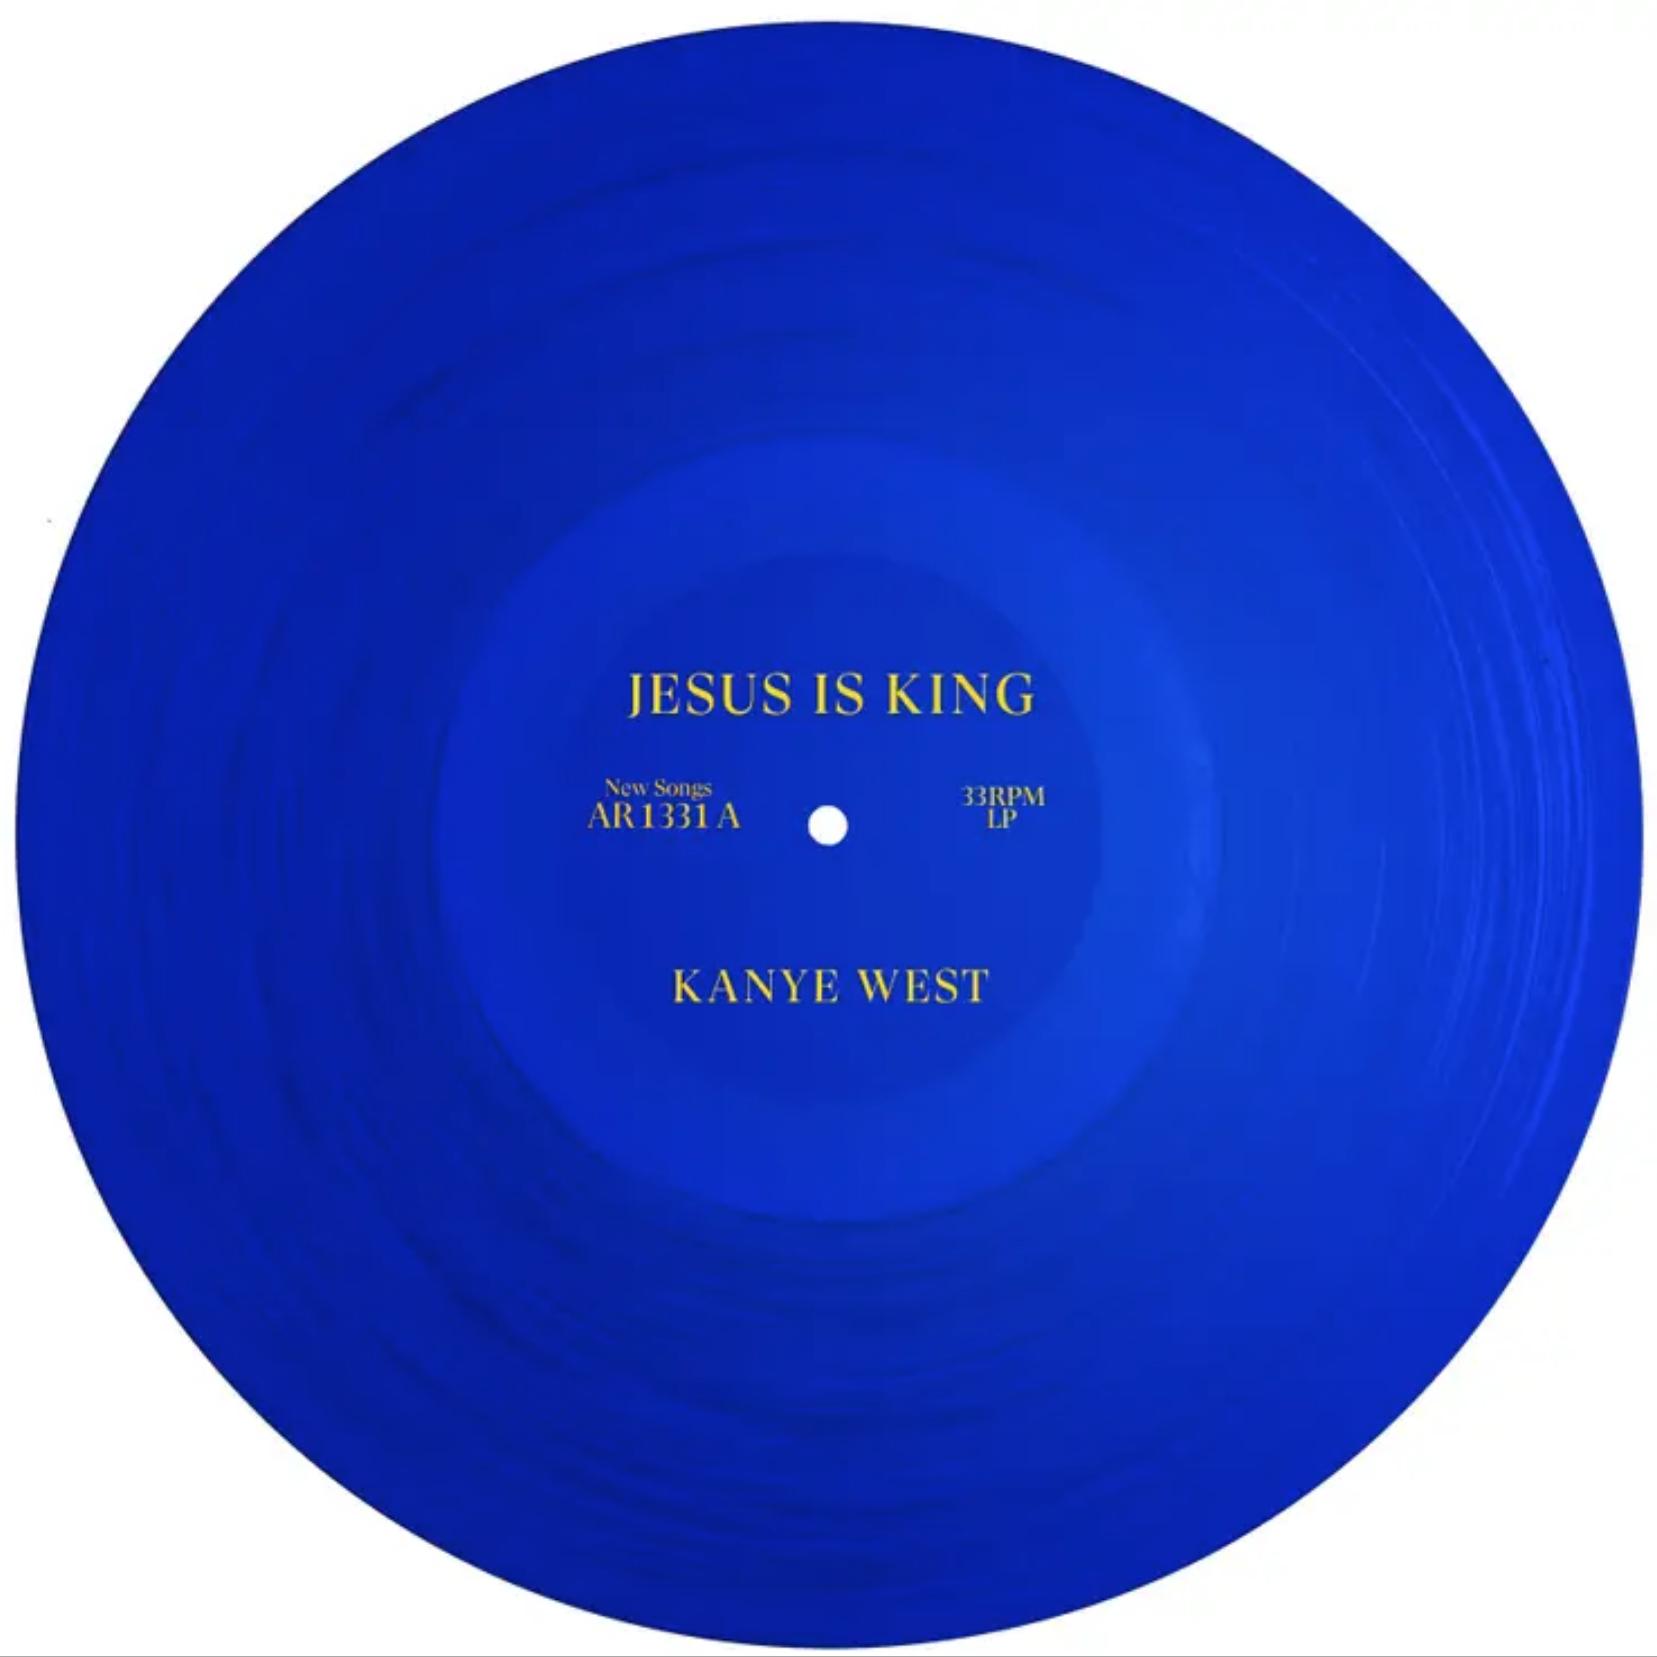 KaneyWest-EverythingWeNeed